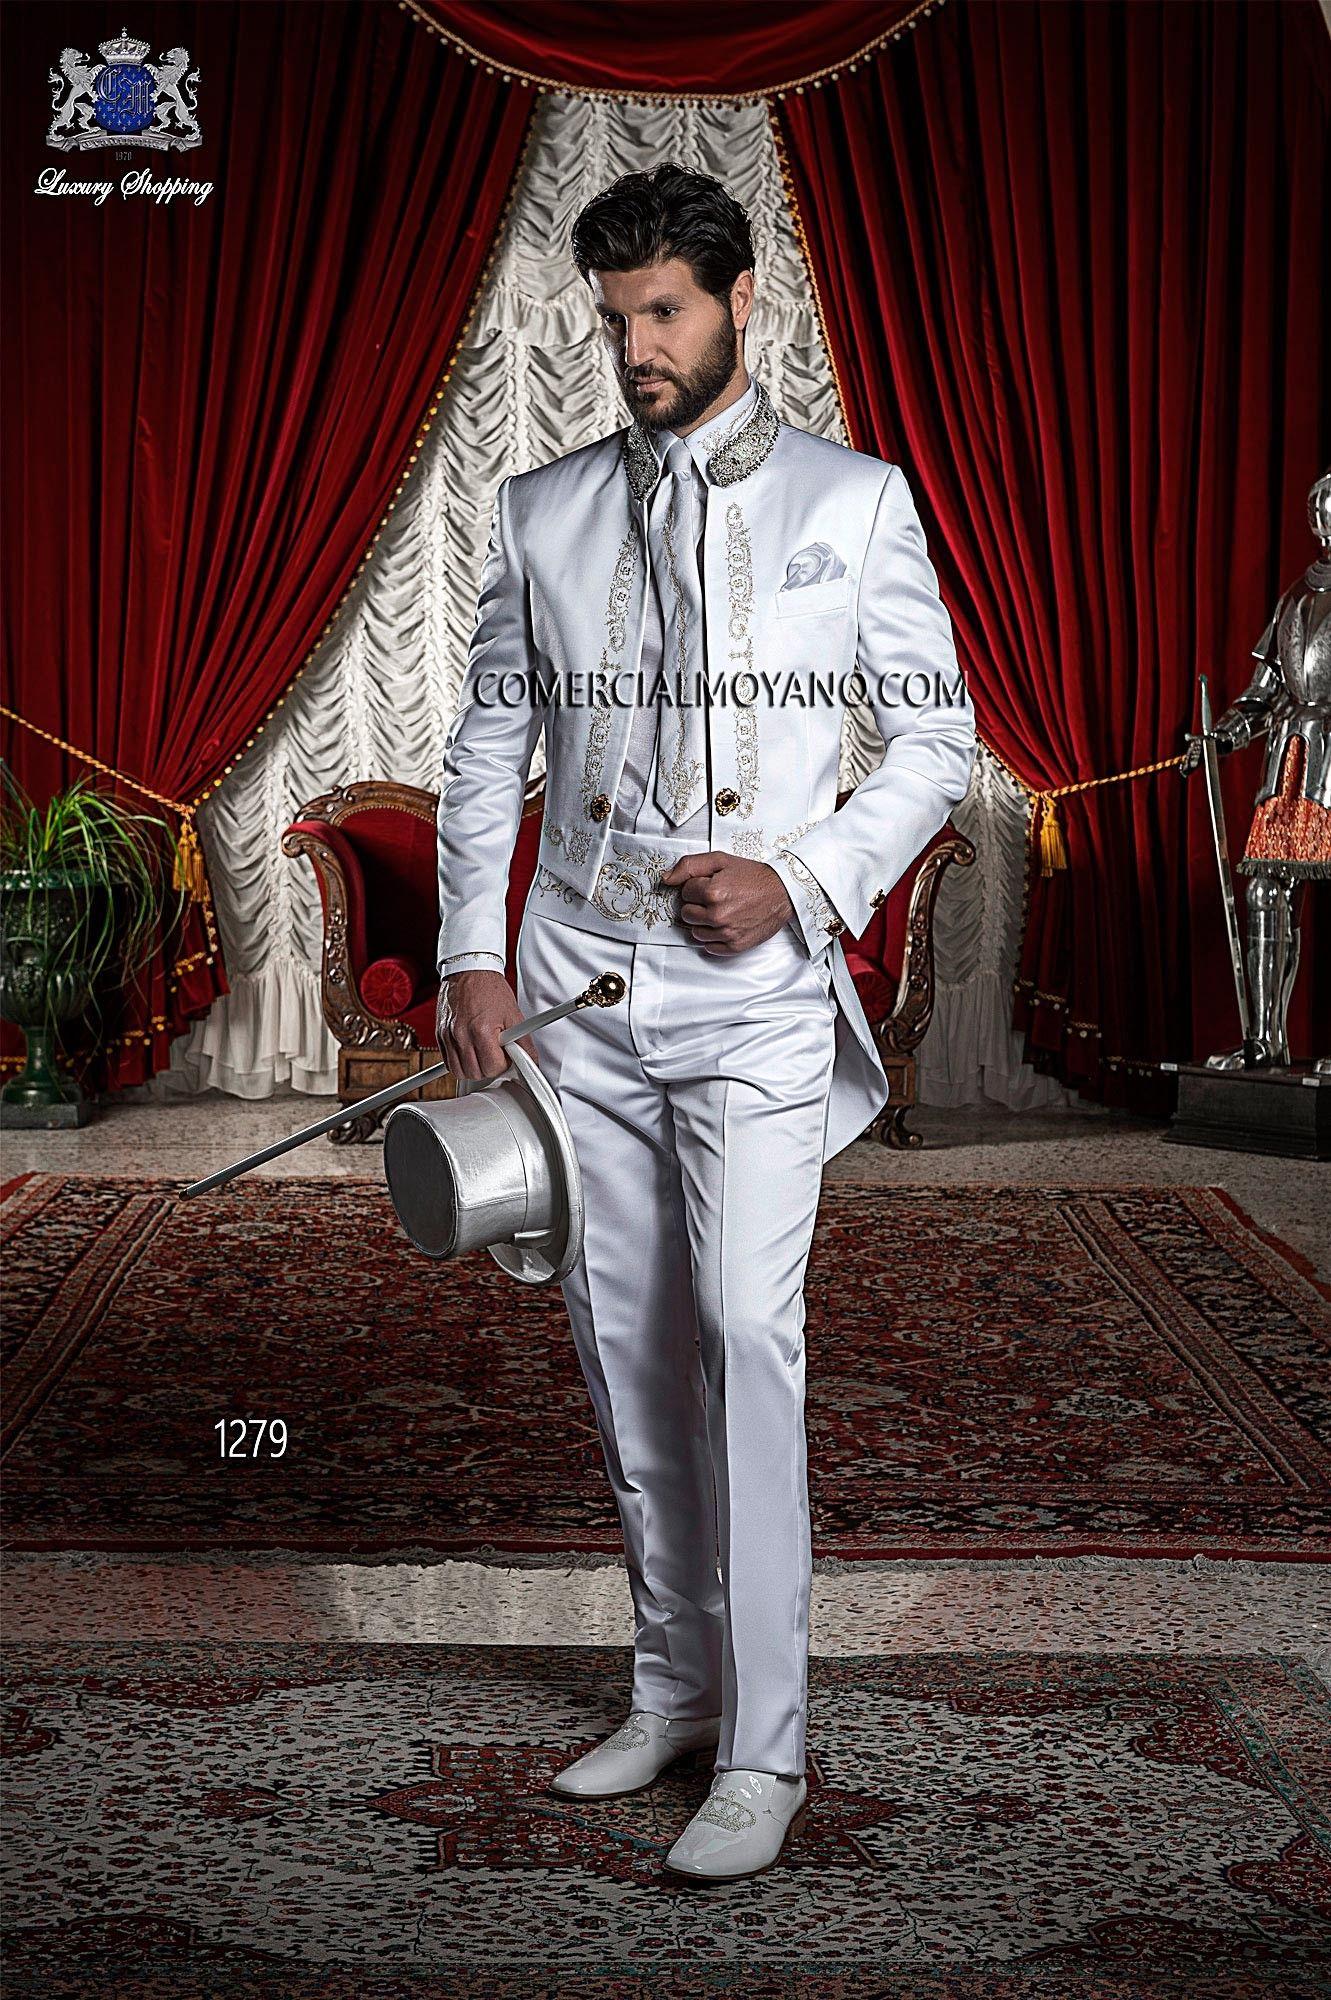 03f4fca955 Traje de novio Frac de raso blanco con bordado drako en oro y cuello mao  con pedrería